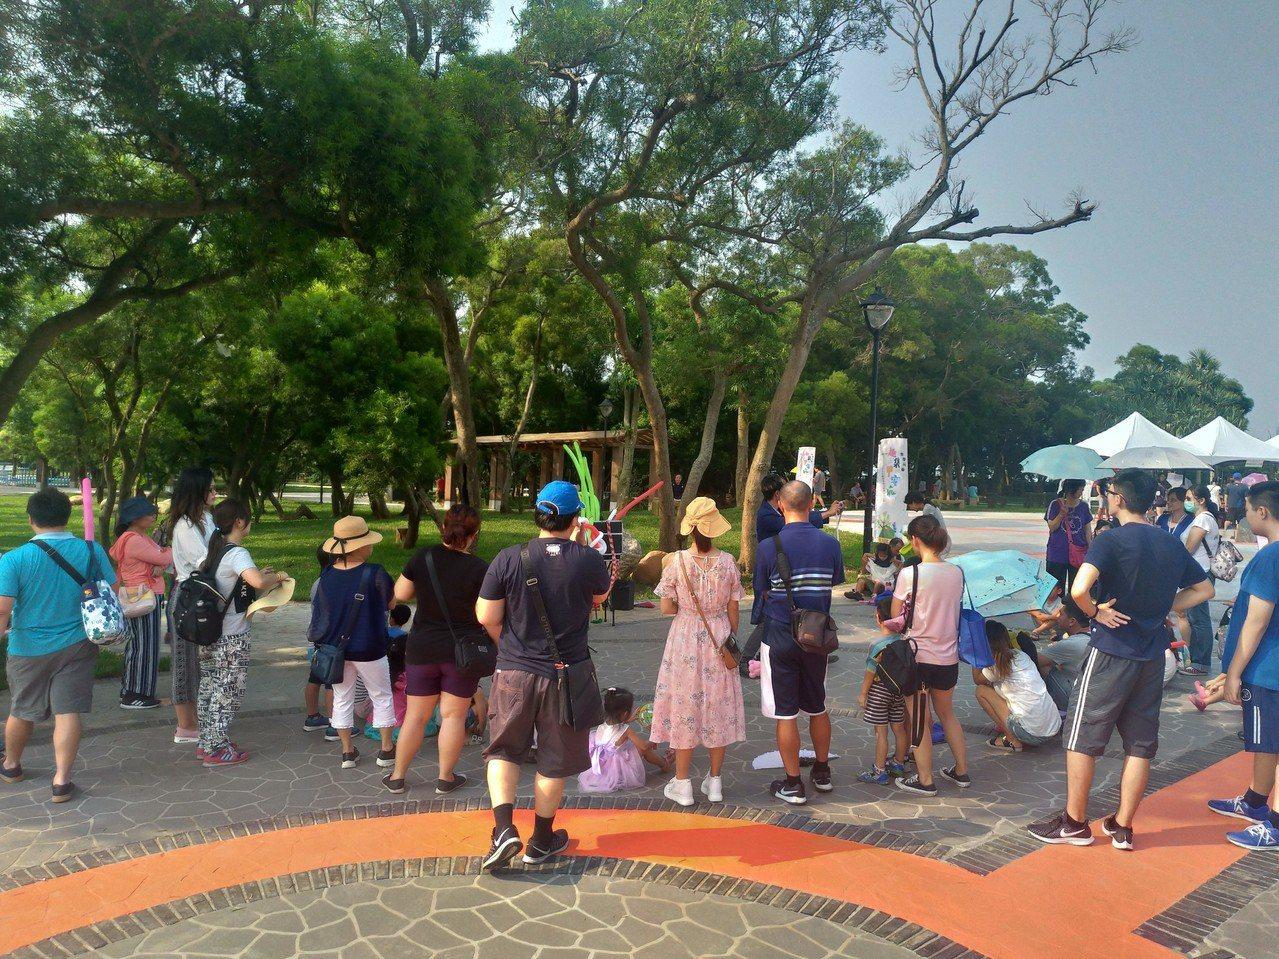 大甲鐵砧山雕塑公園改造變身 假日吸引親子人潮來